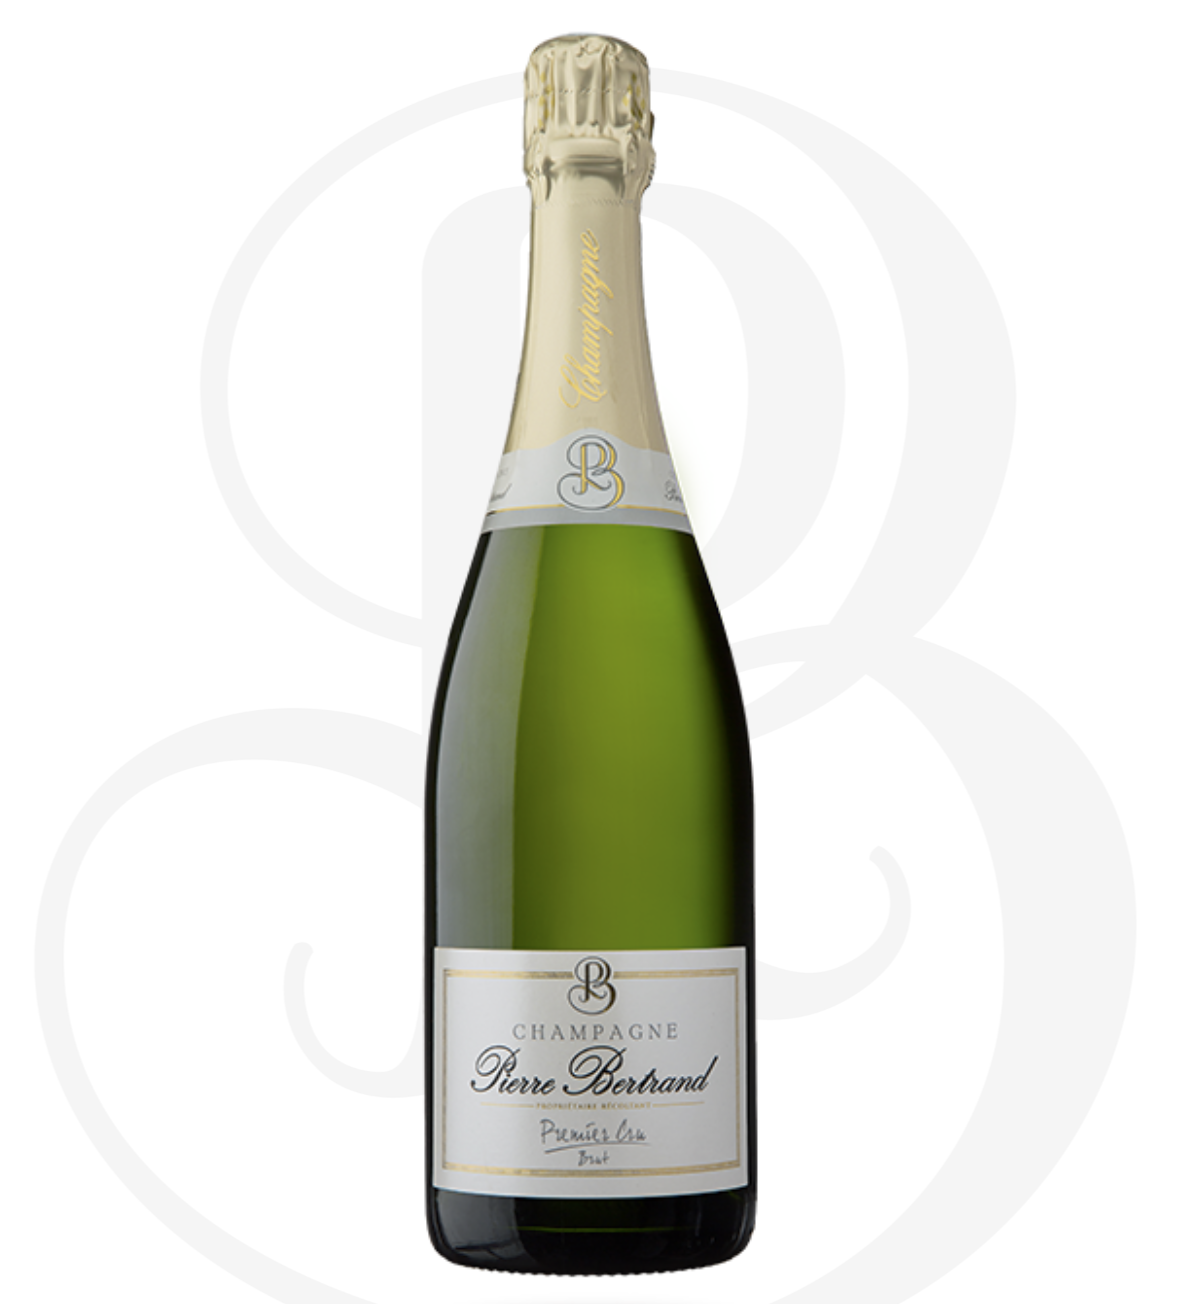 Champagne Pierre Bertand - Brut Premier Cru